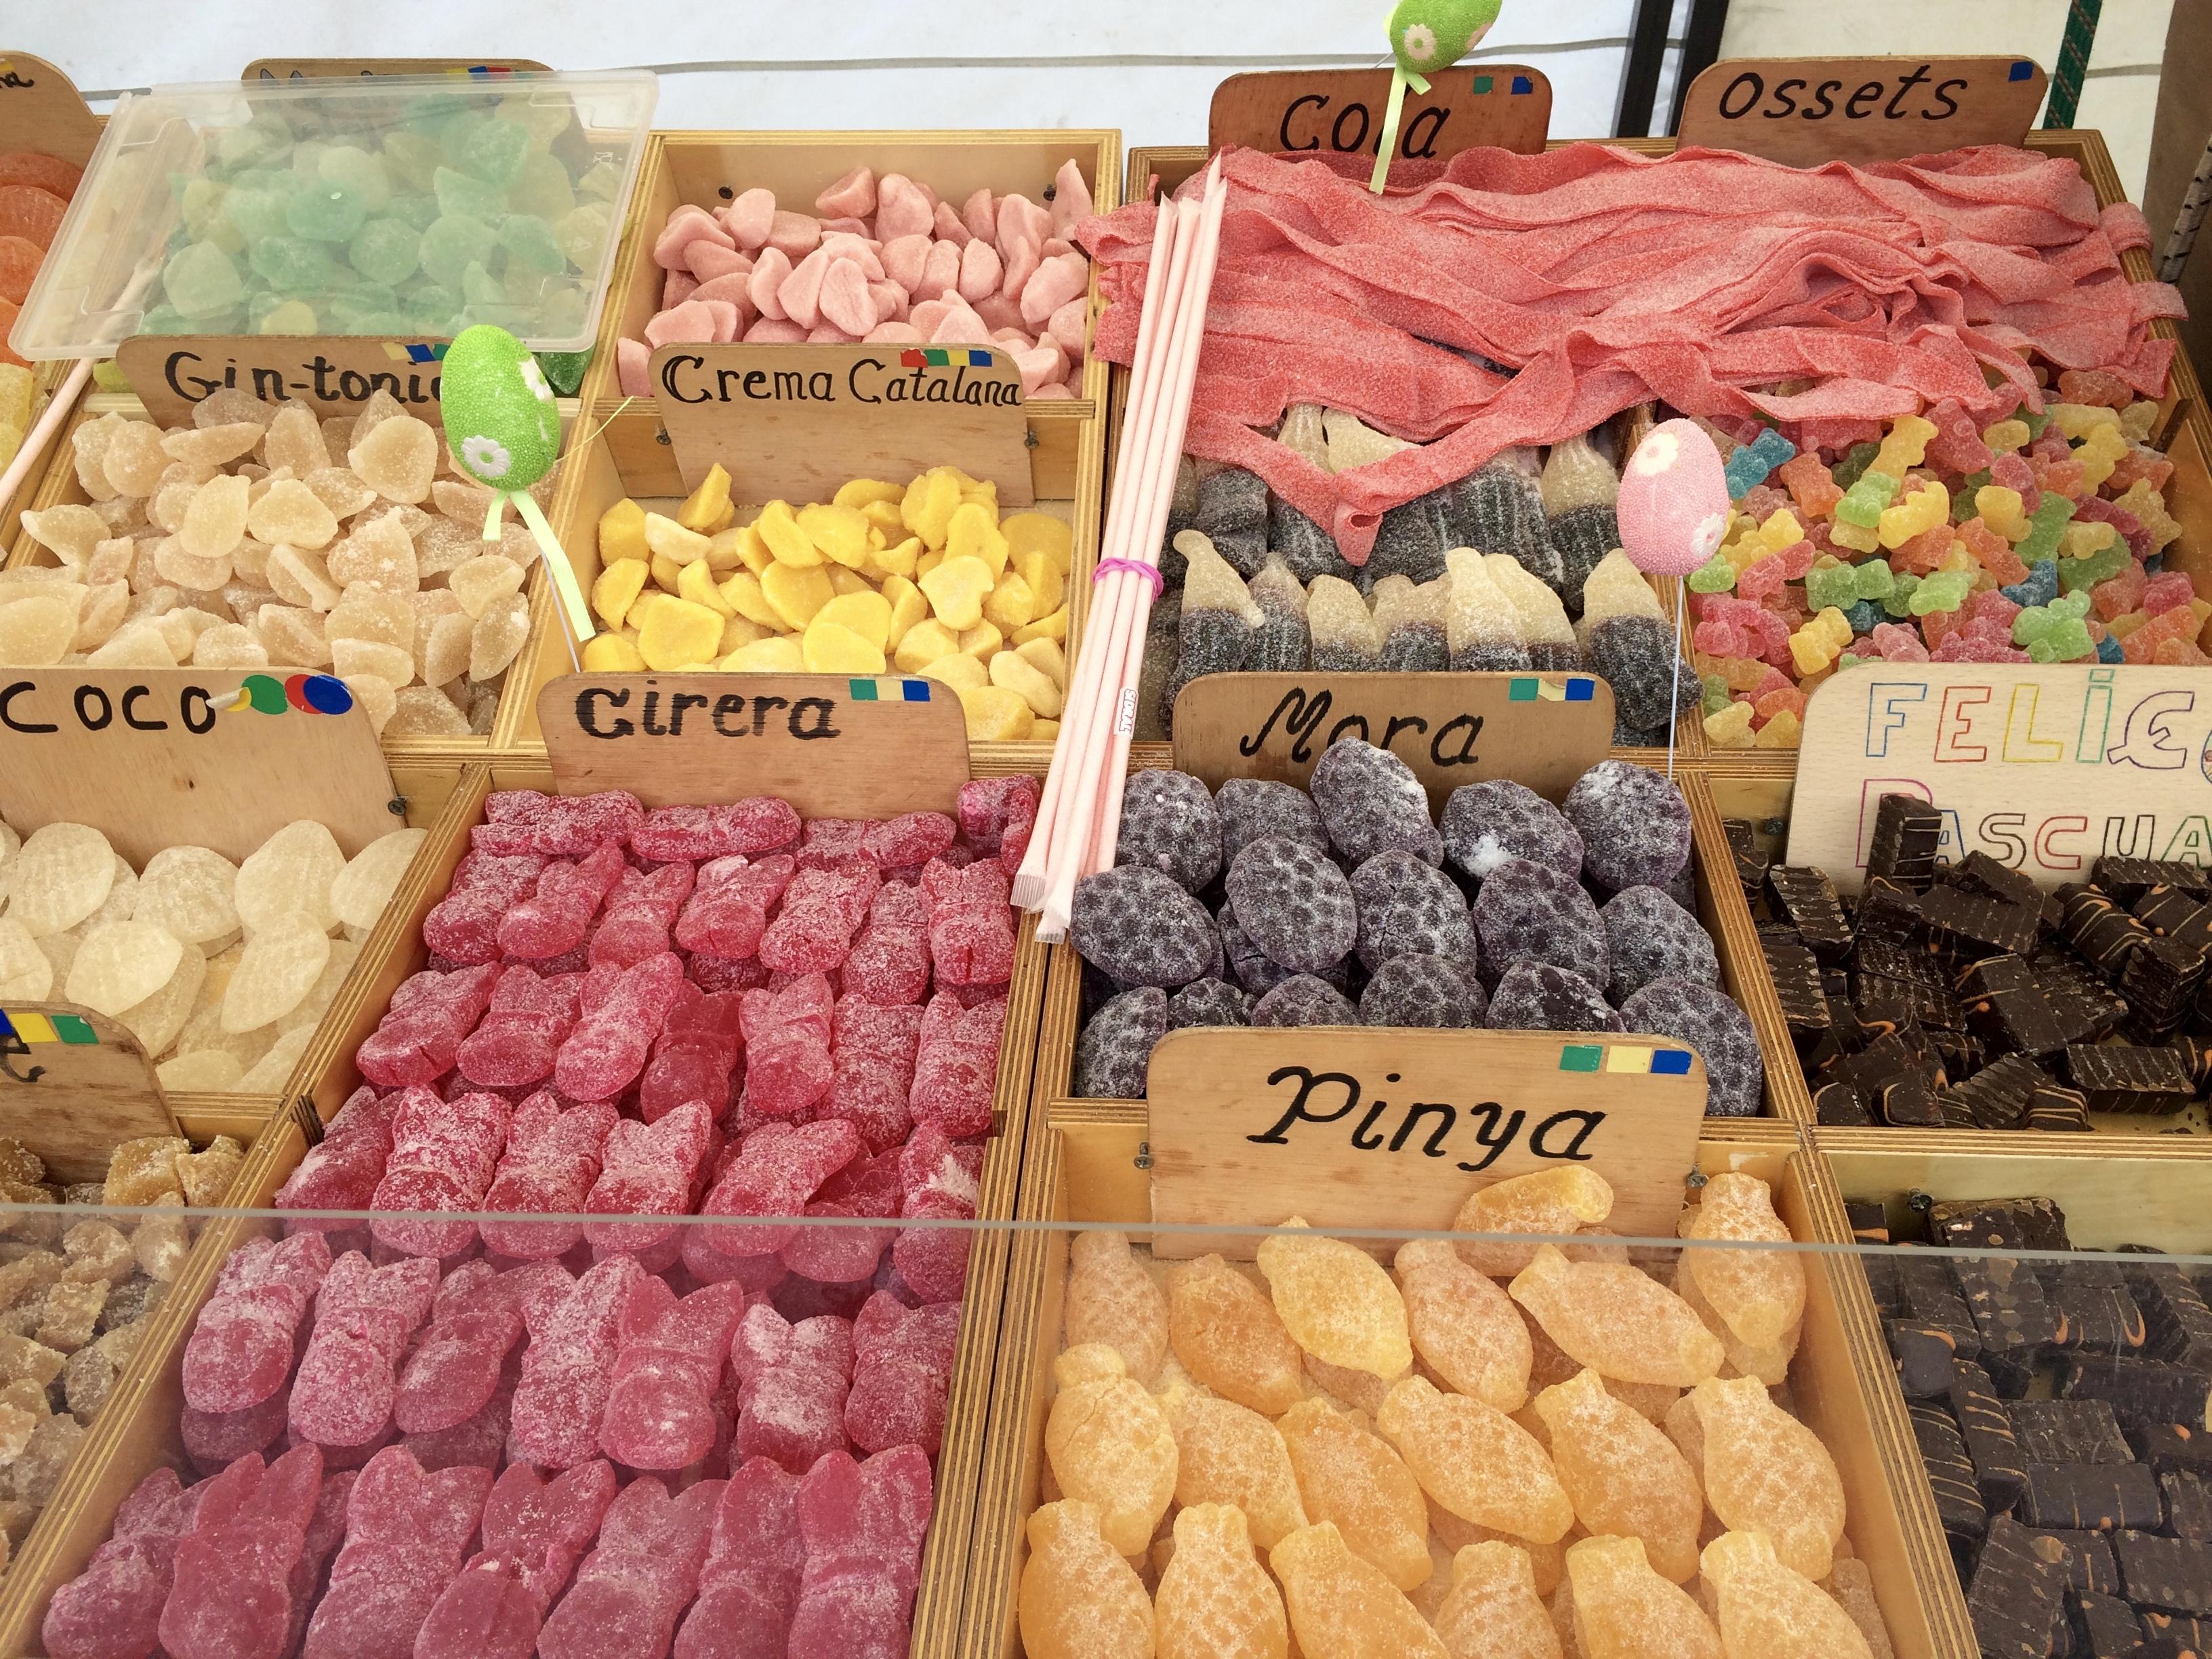 Barcelona cake dessert food